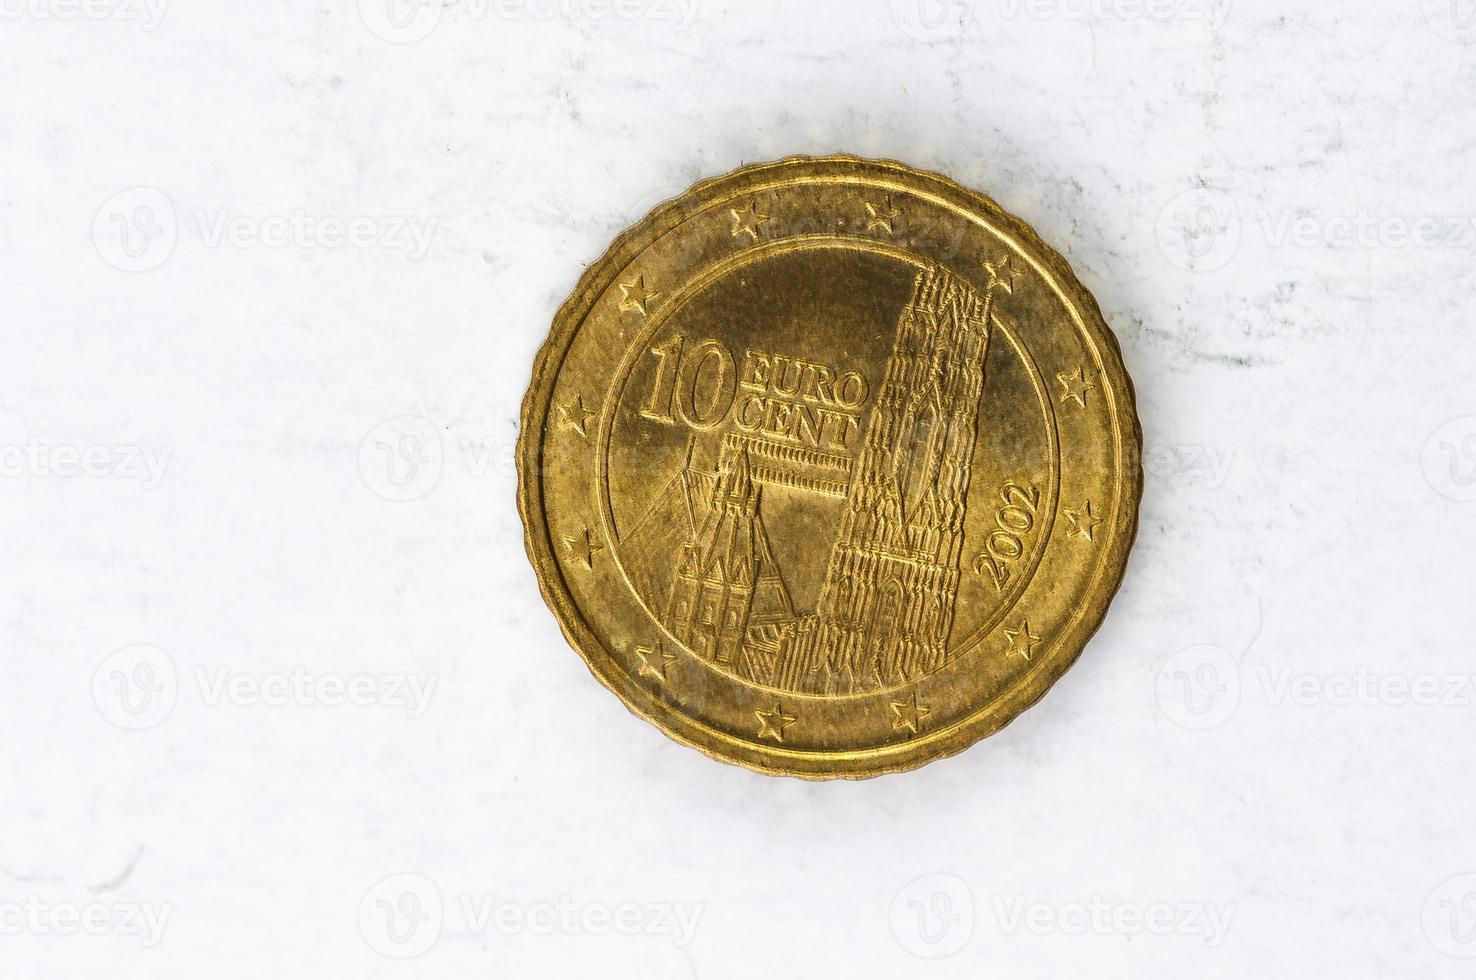 10 Euro Cent Münze mit österreichischer Rückseite gebraucht aussehen foto